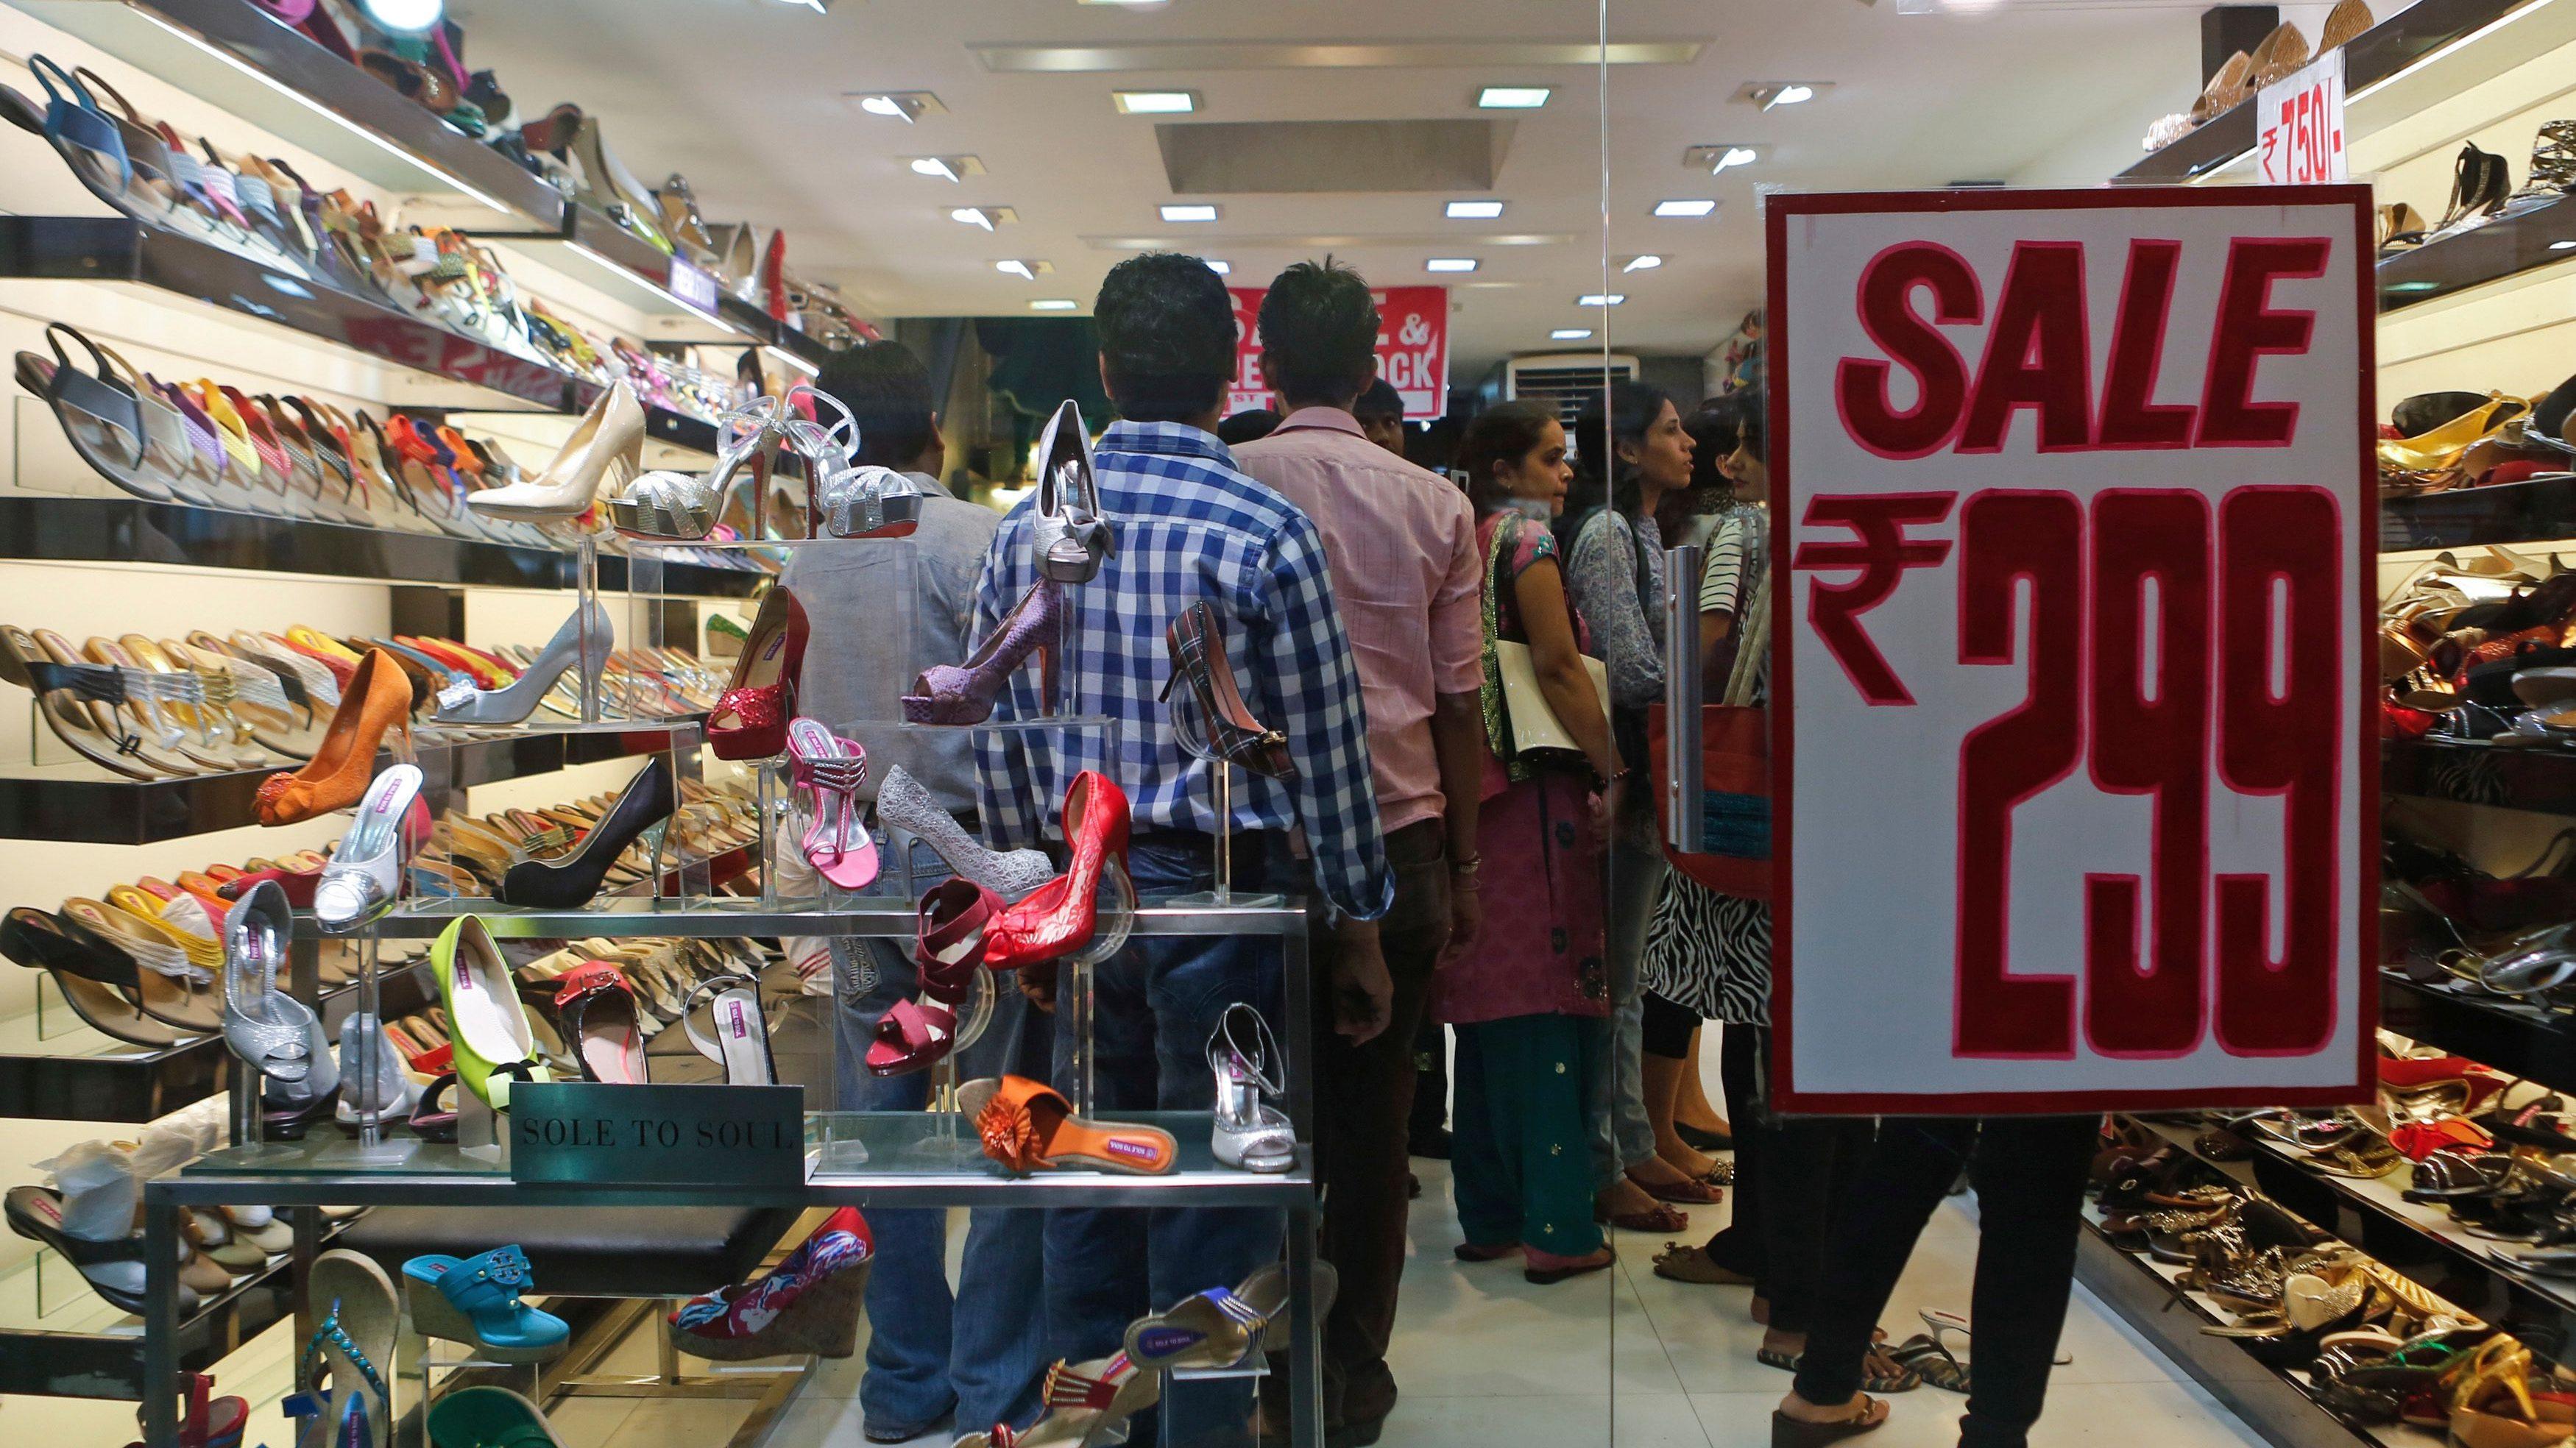 shoe shop discount sale